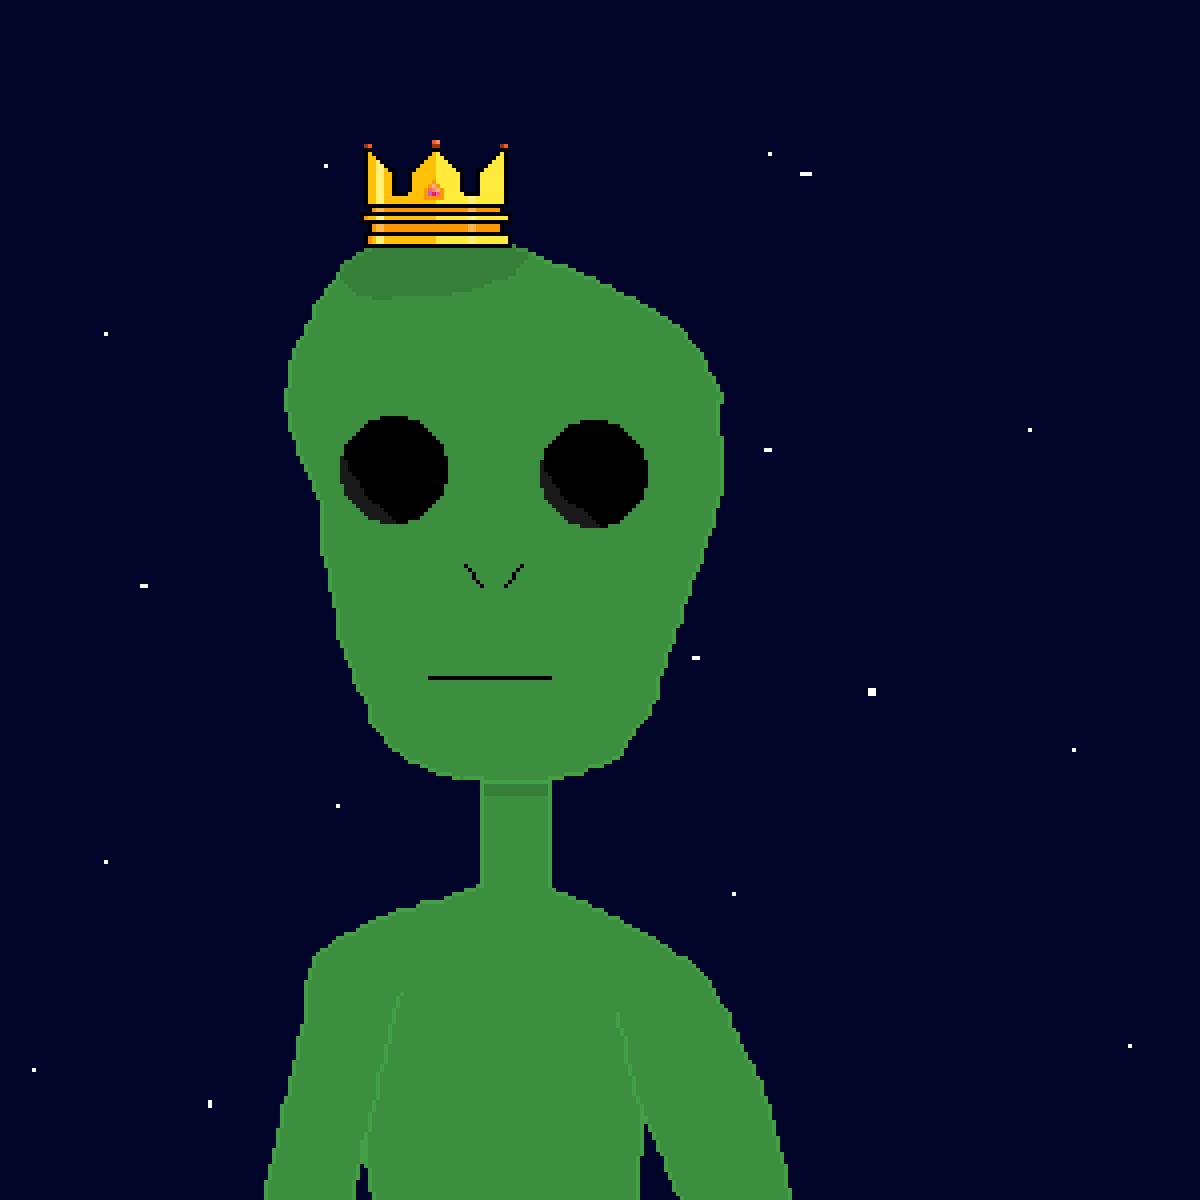 Alien by lillepa72